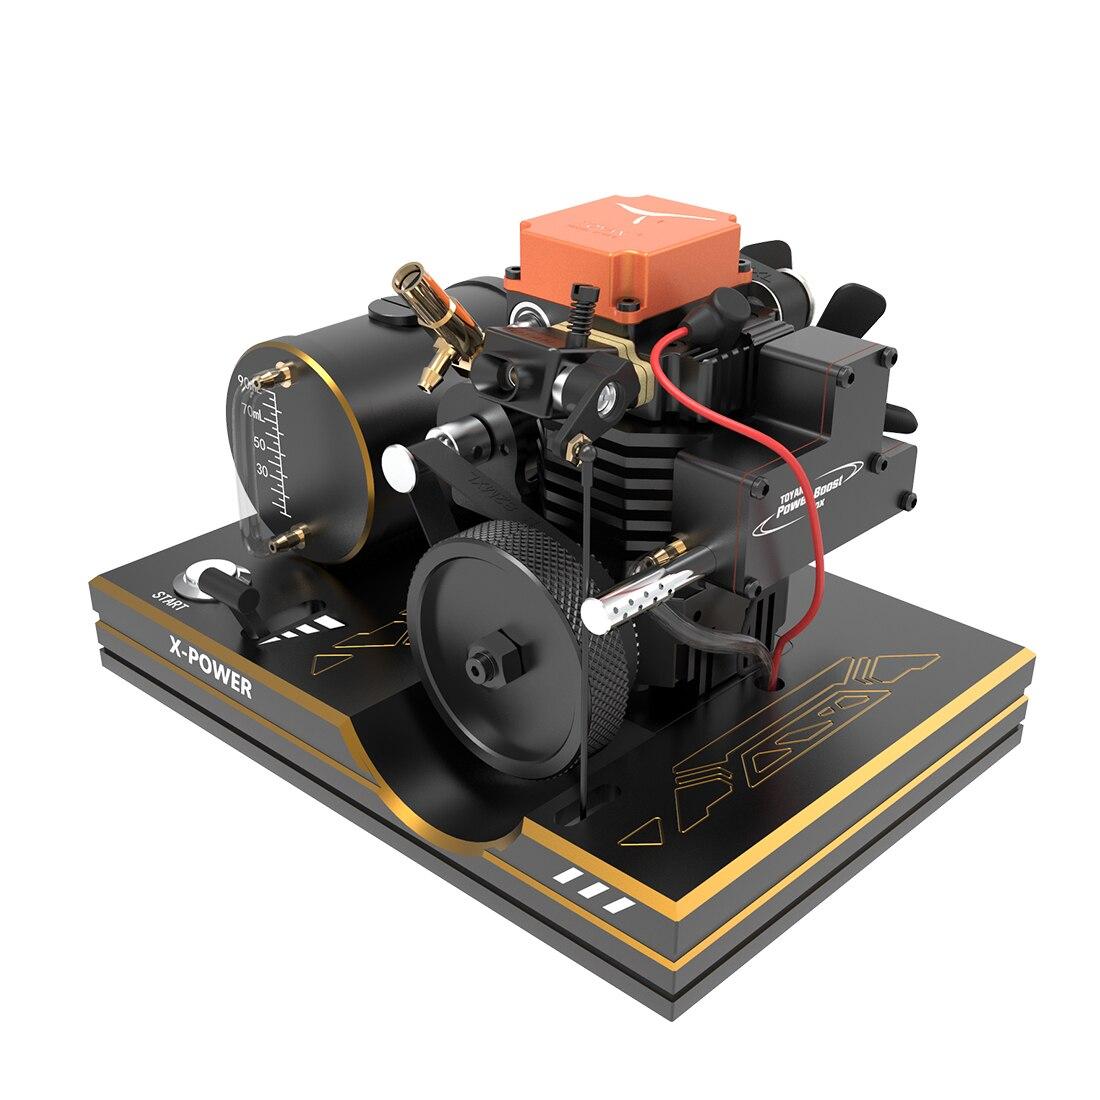 TOYAN FS-S100AC, conjunto DIY, cilindro único, motor de metanol de 4 tiempos, Kit para coche a control remoto, modelo de barco